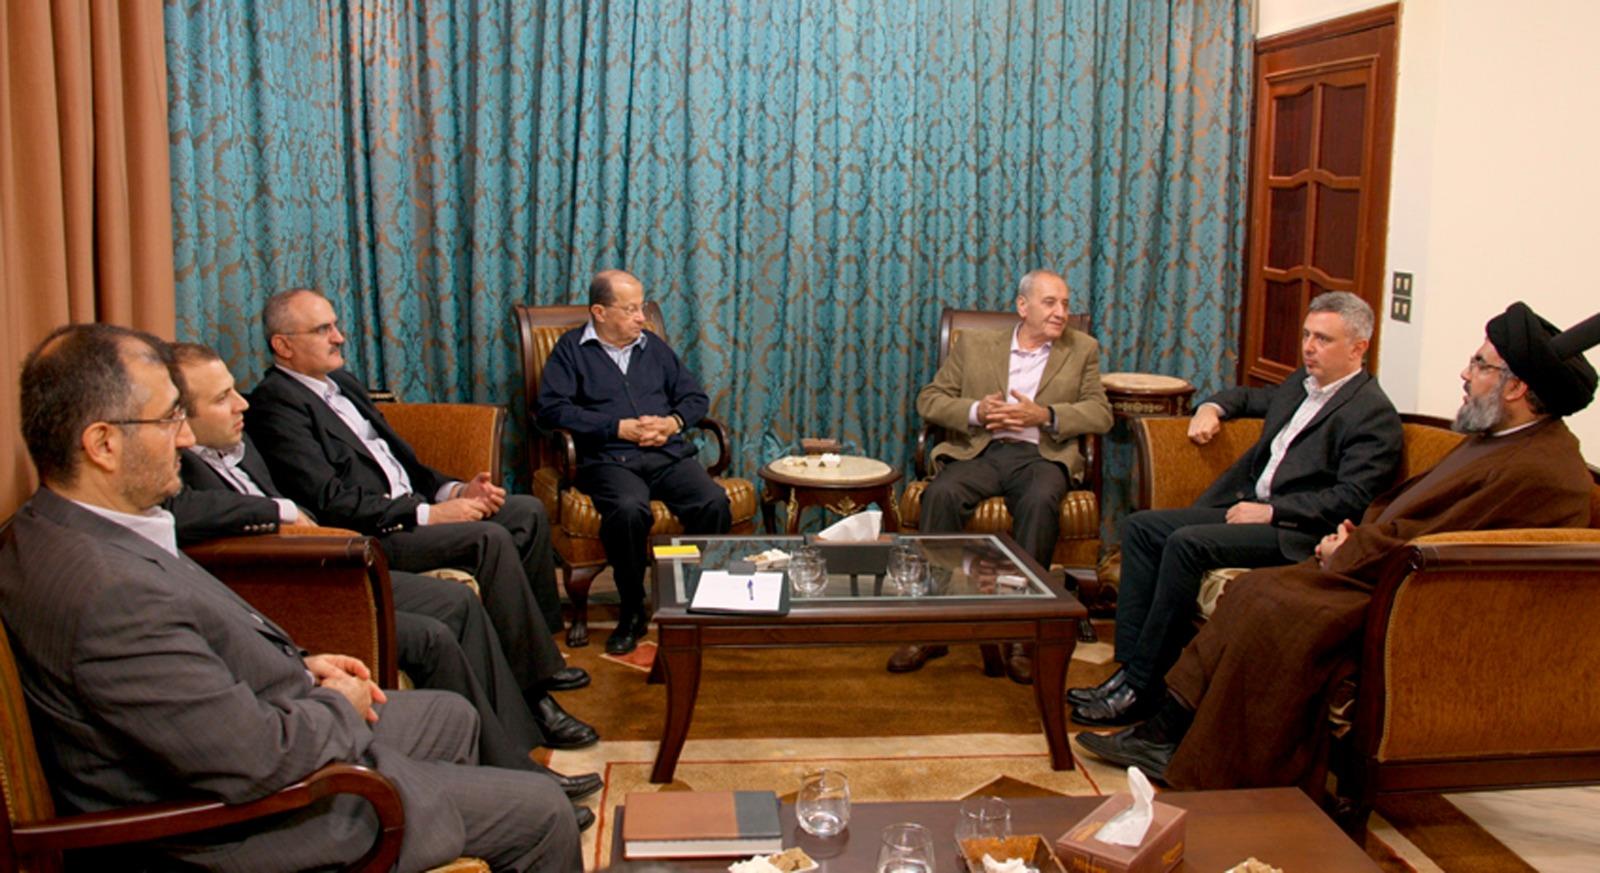 علي حسن خليل على يمين الرئيس اللبناني ميشال عون في صورة أرشيفية تعود لعام 2009.